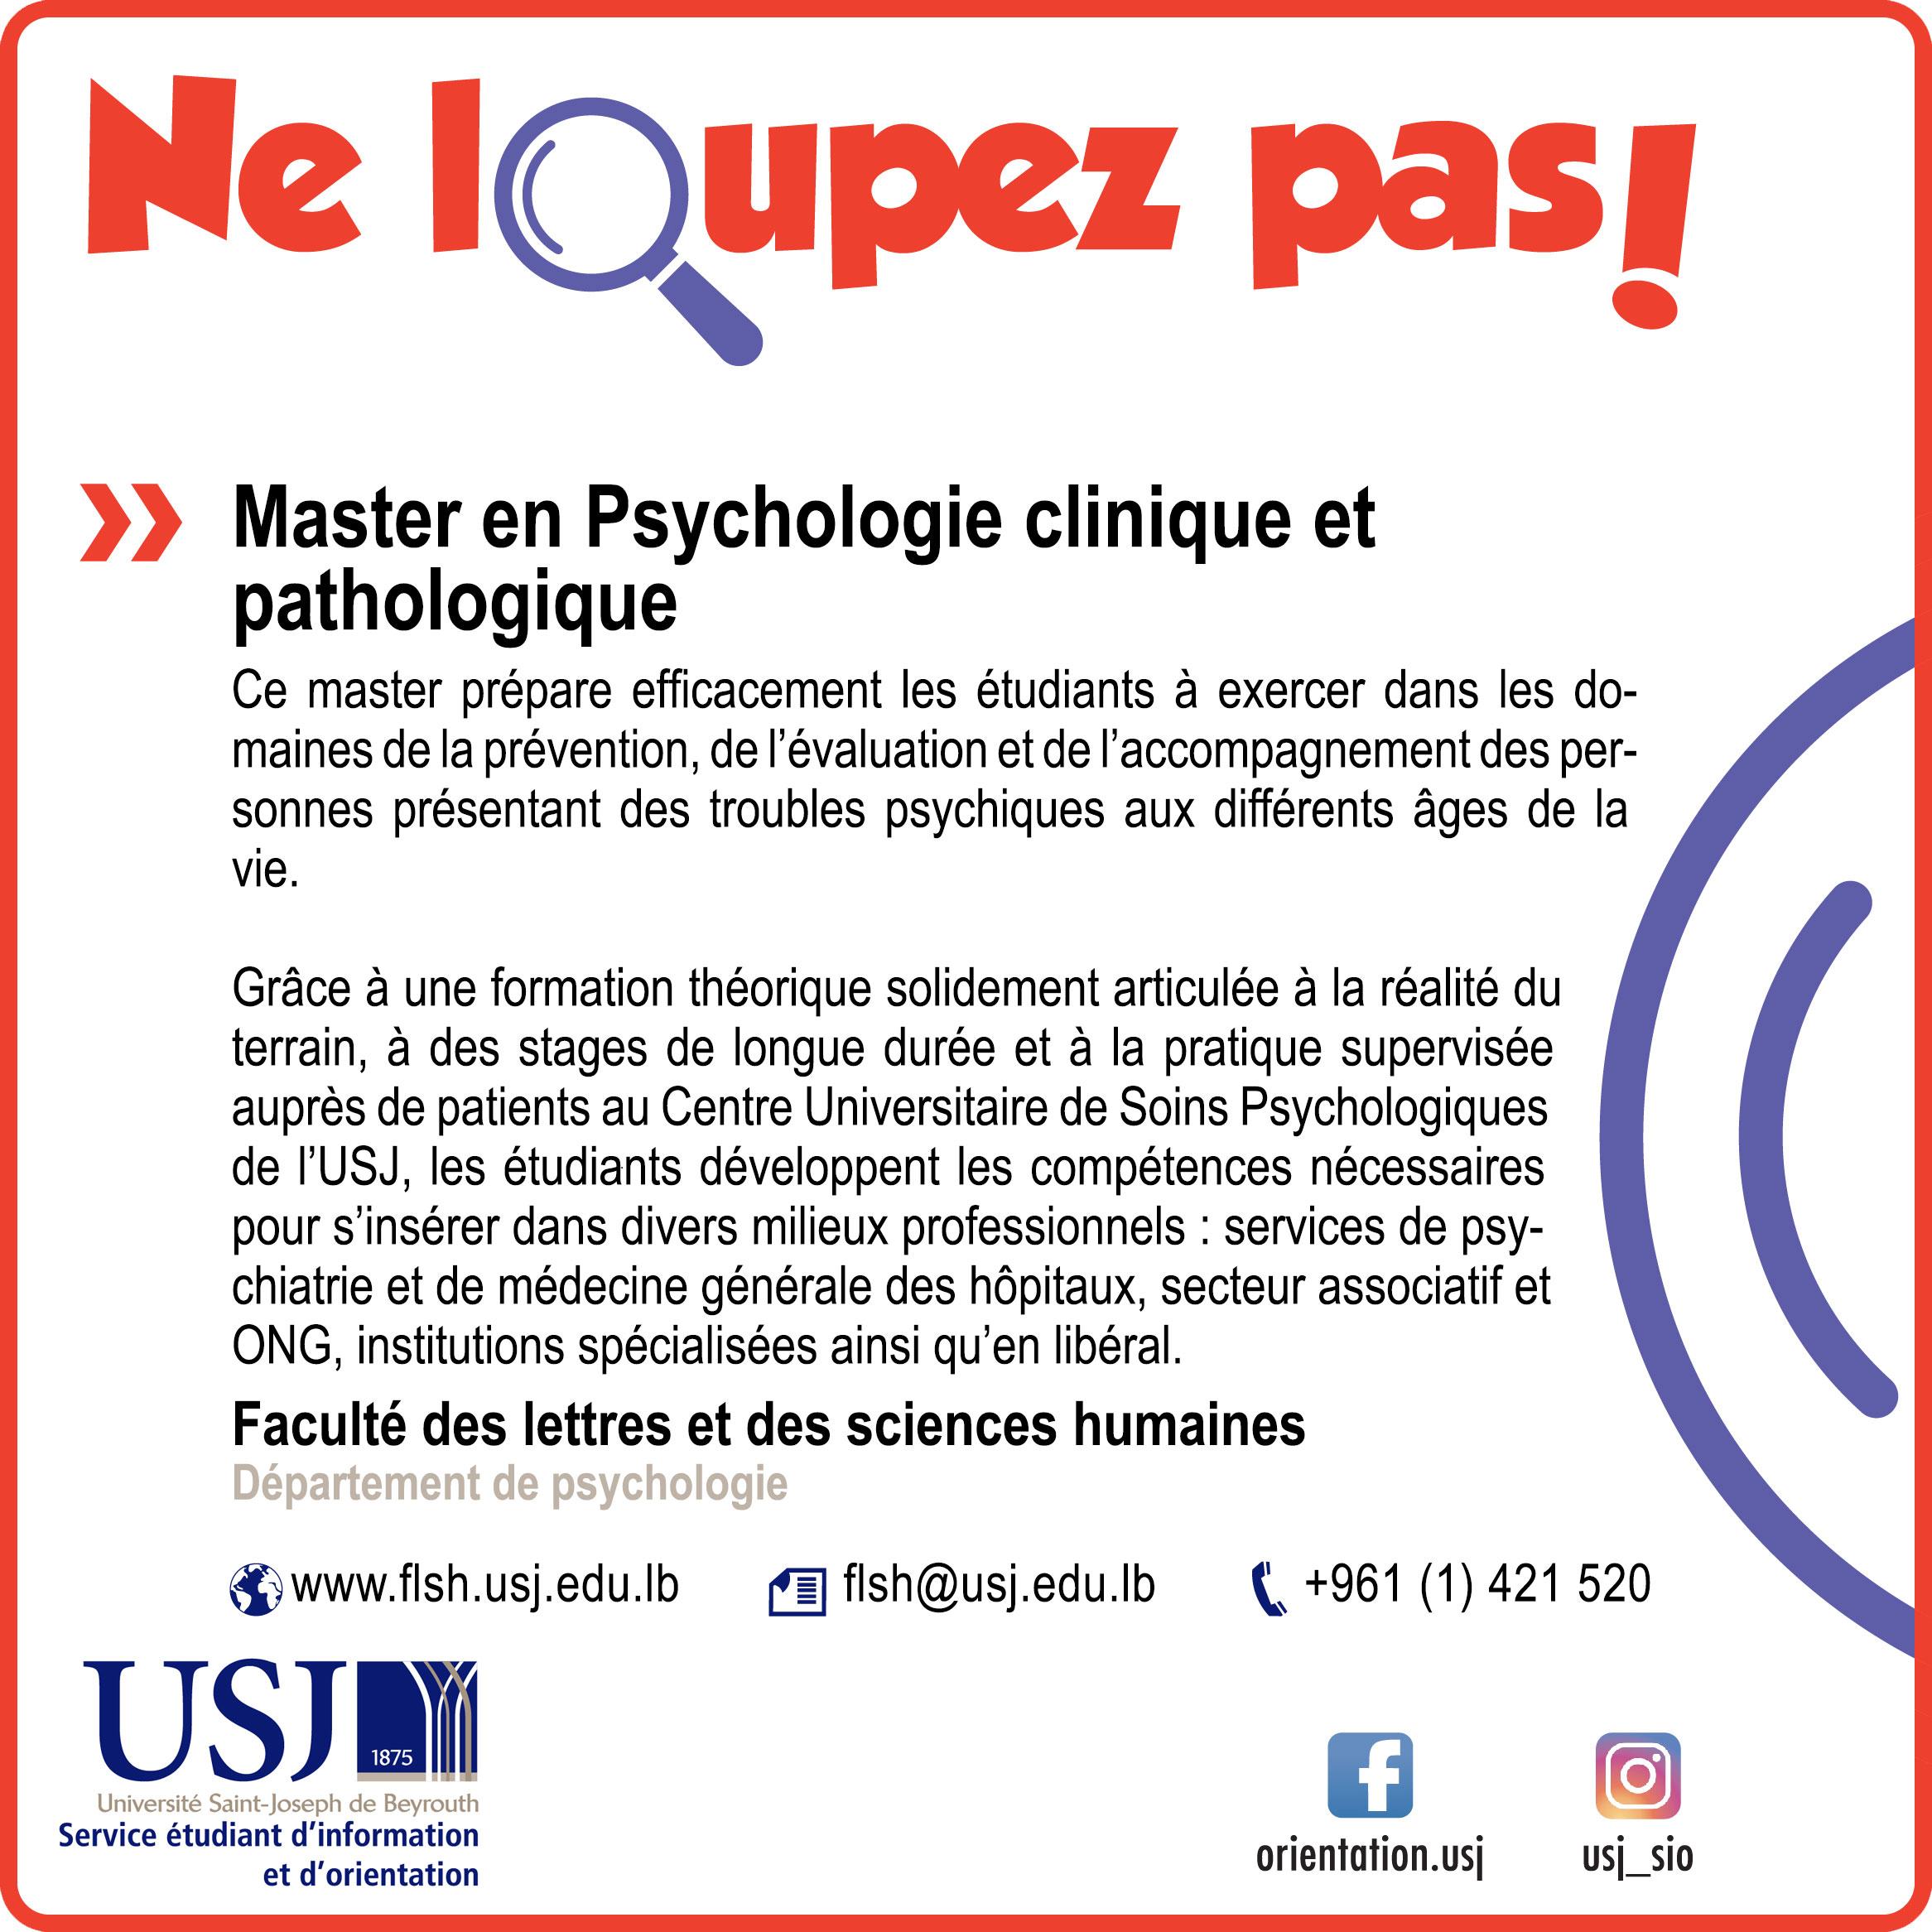 Master en Psychologie clinique et pathologique